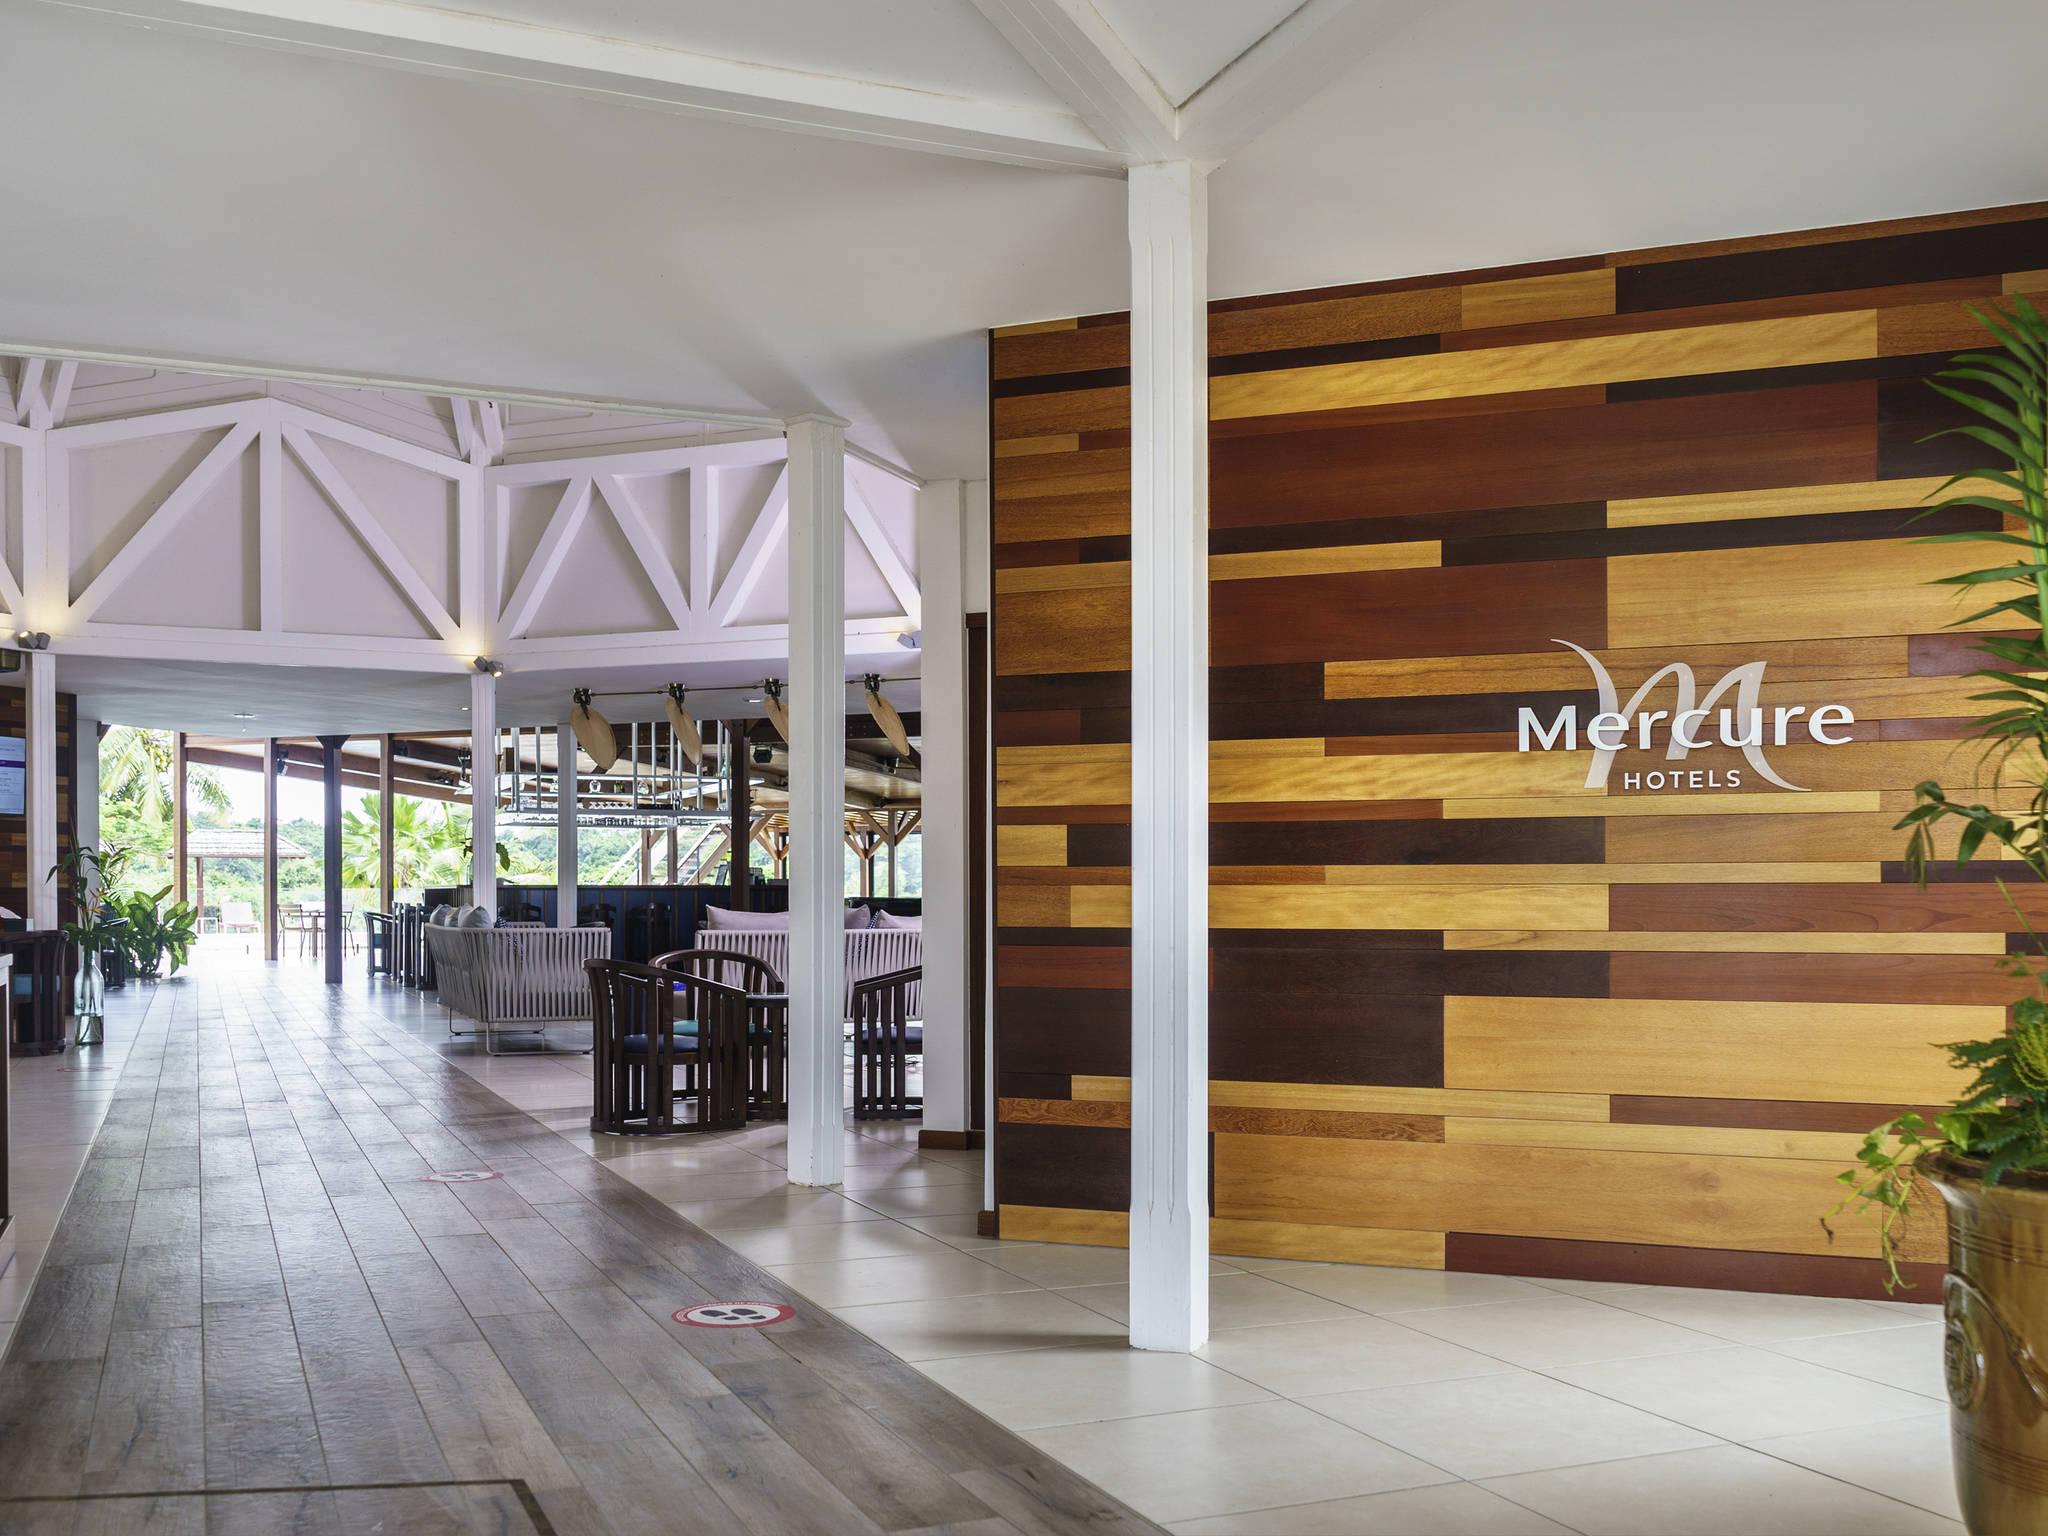 Hotel - Hotel Mercure Kourou Ariatel